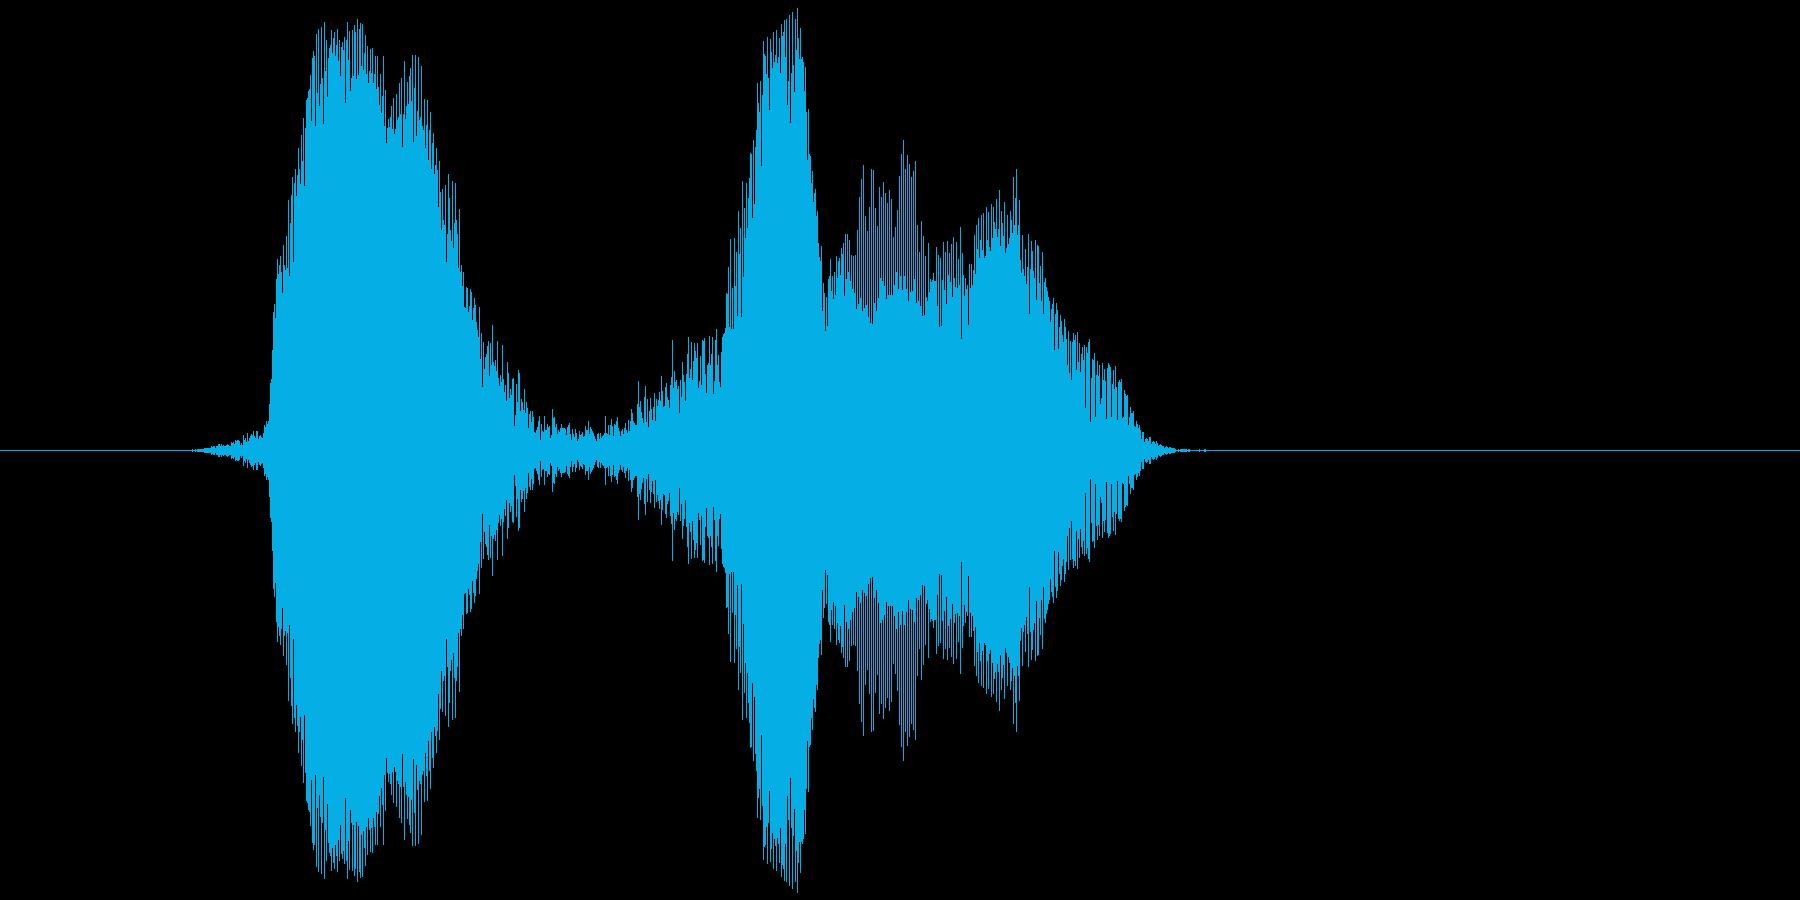 「ヒュー・ヒュー!」の再生済みの波形